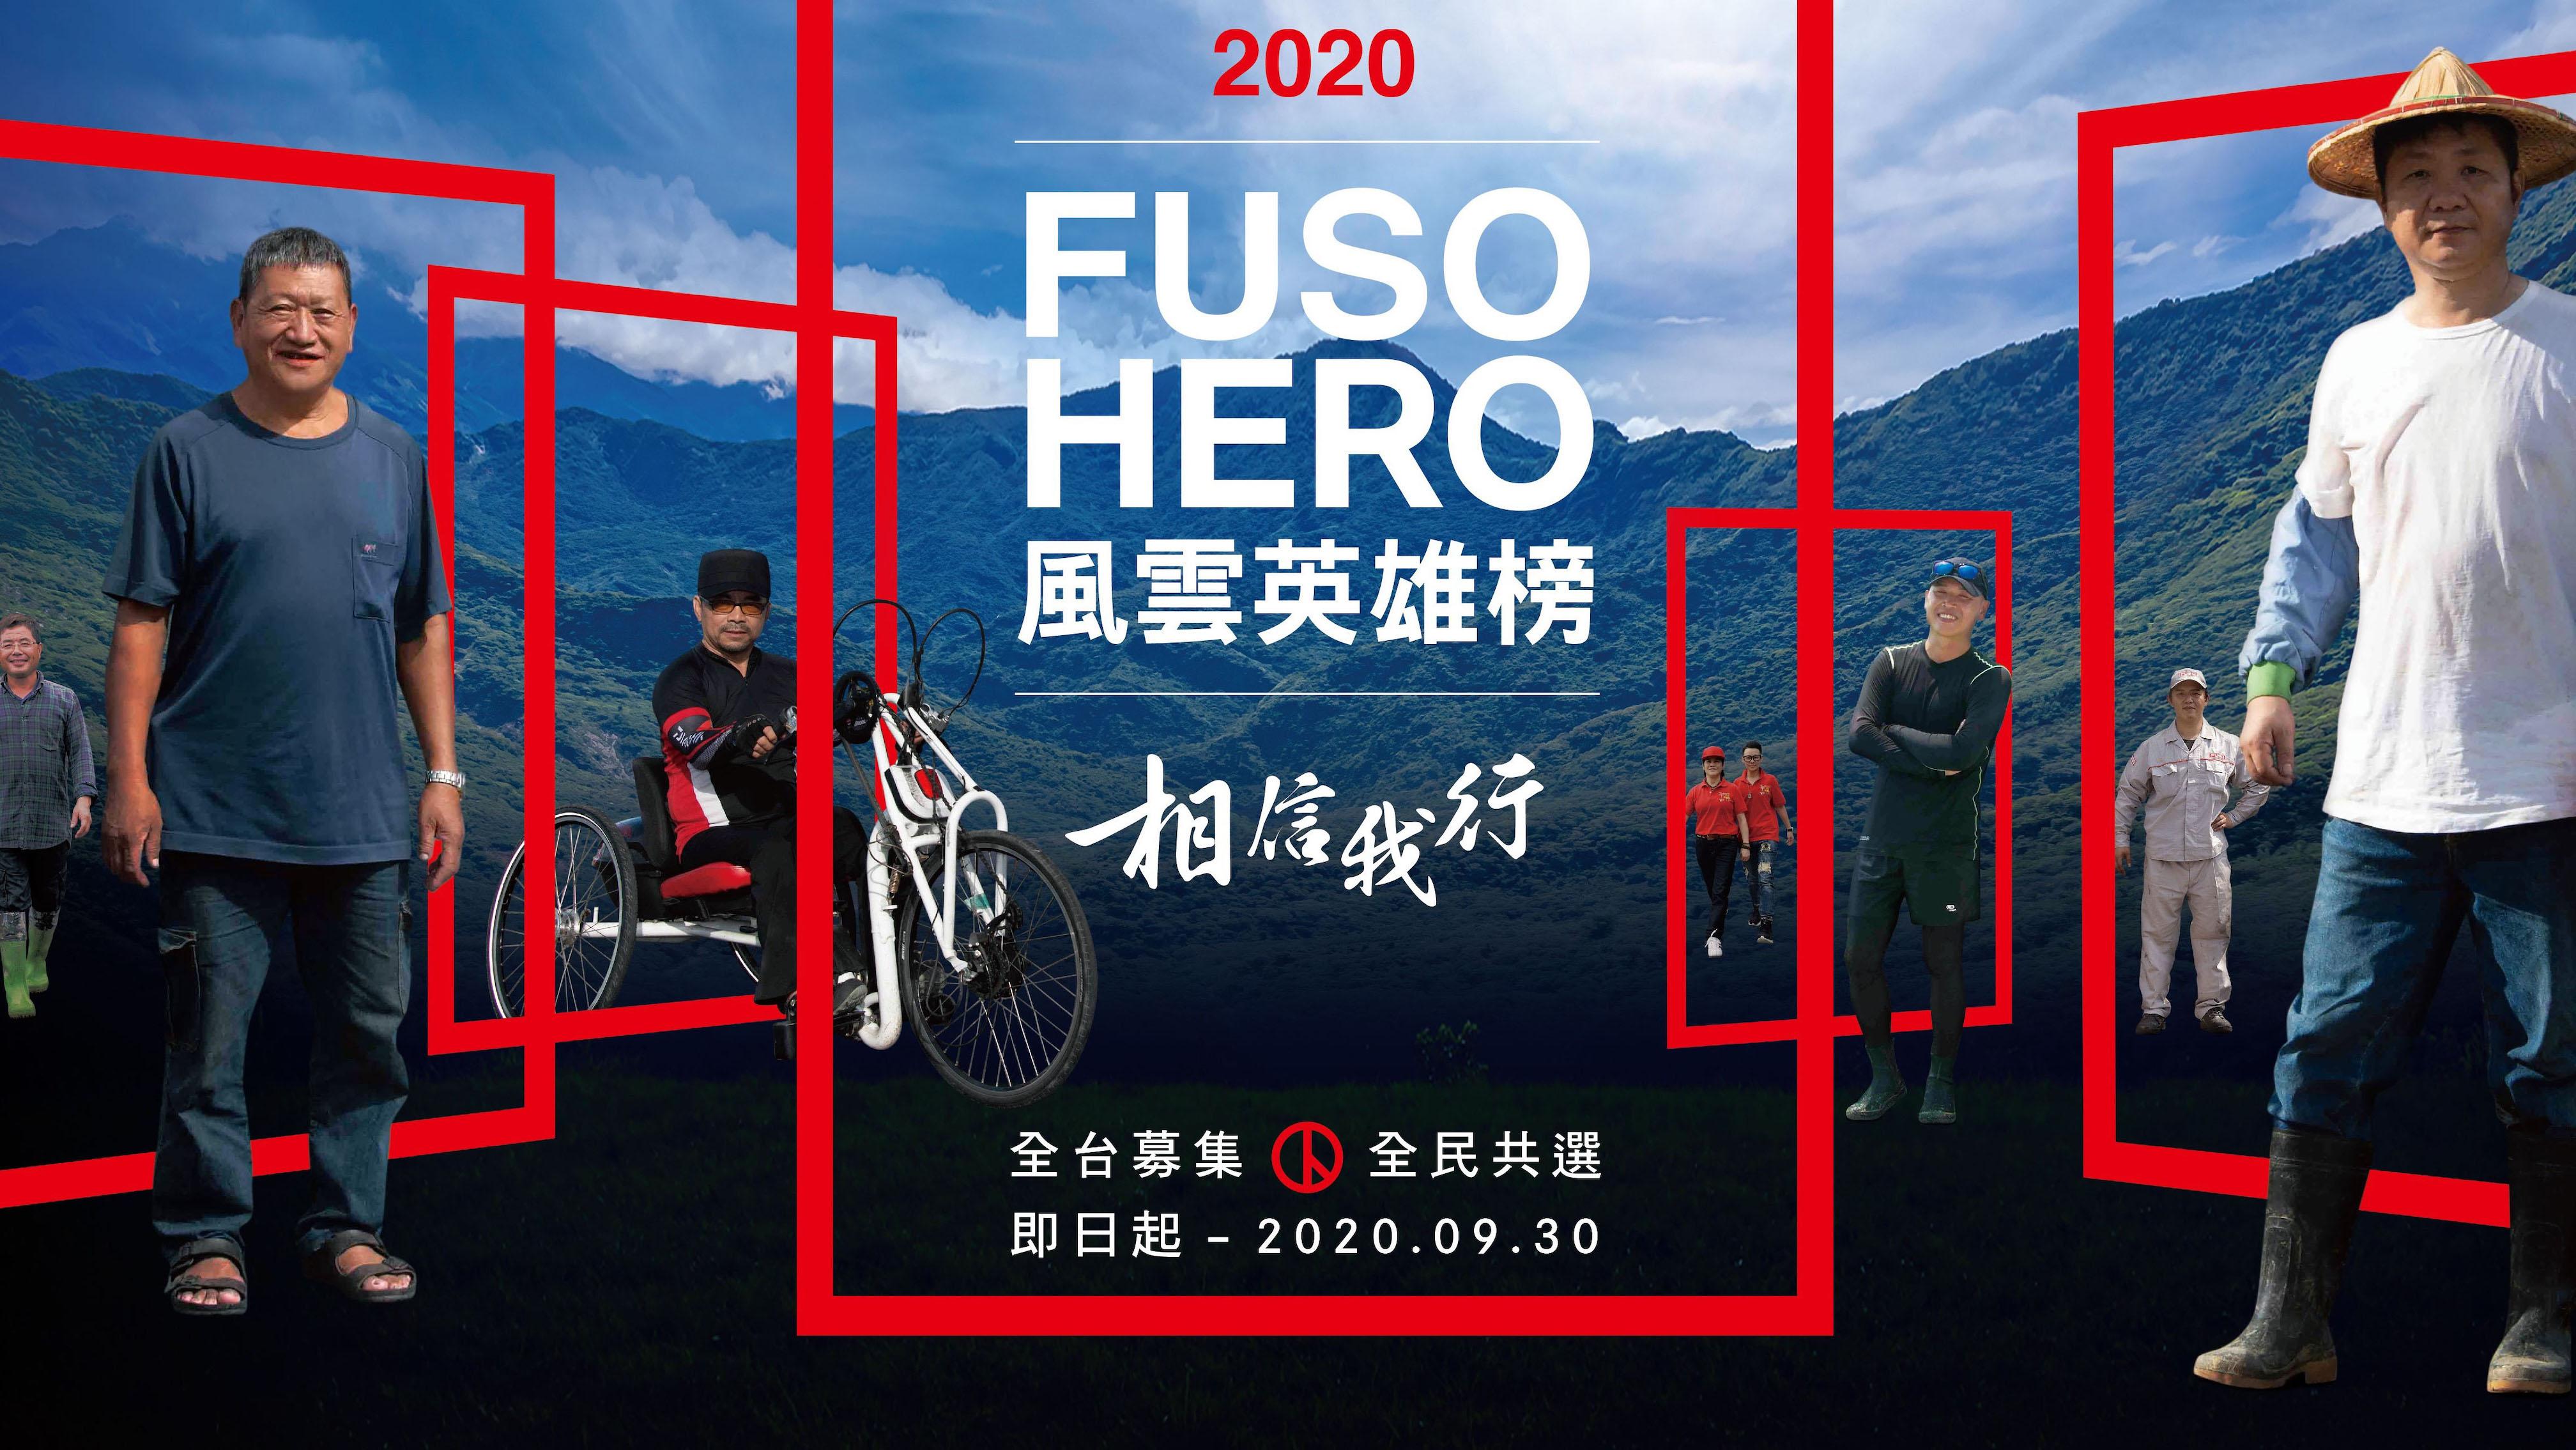 第三屆 Fuso Hero 風雲英雄榜票選活動熱烈募集中